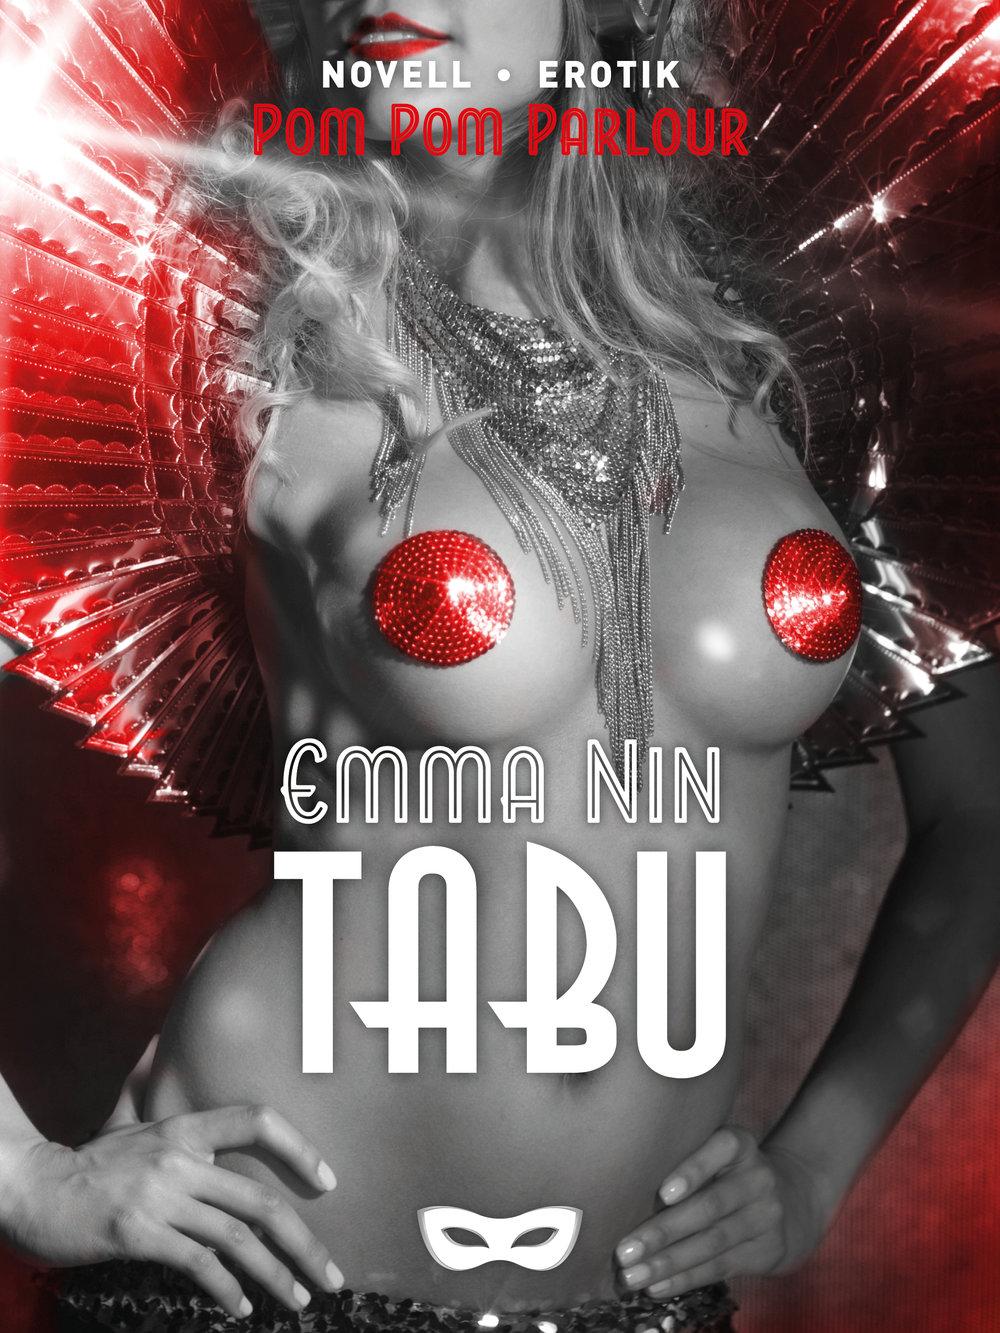 TABU-n_Tabu_Emma Nin.jpg